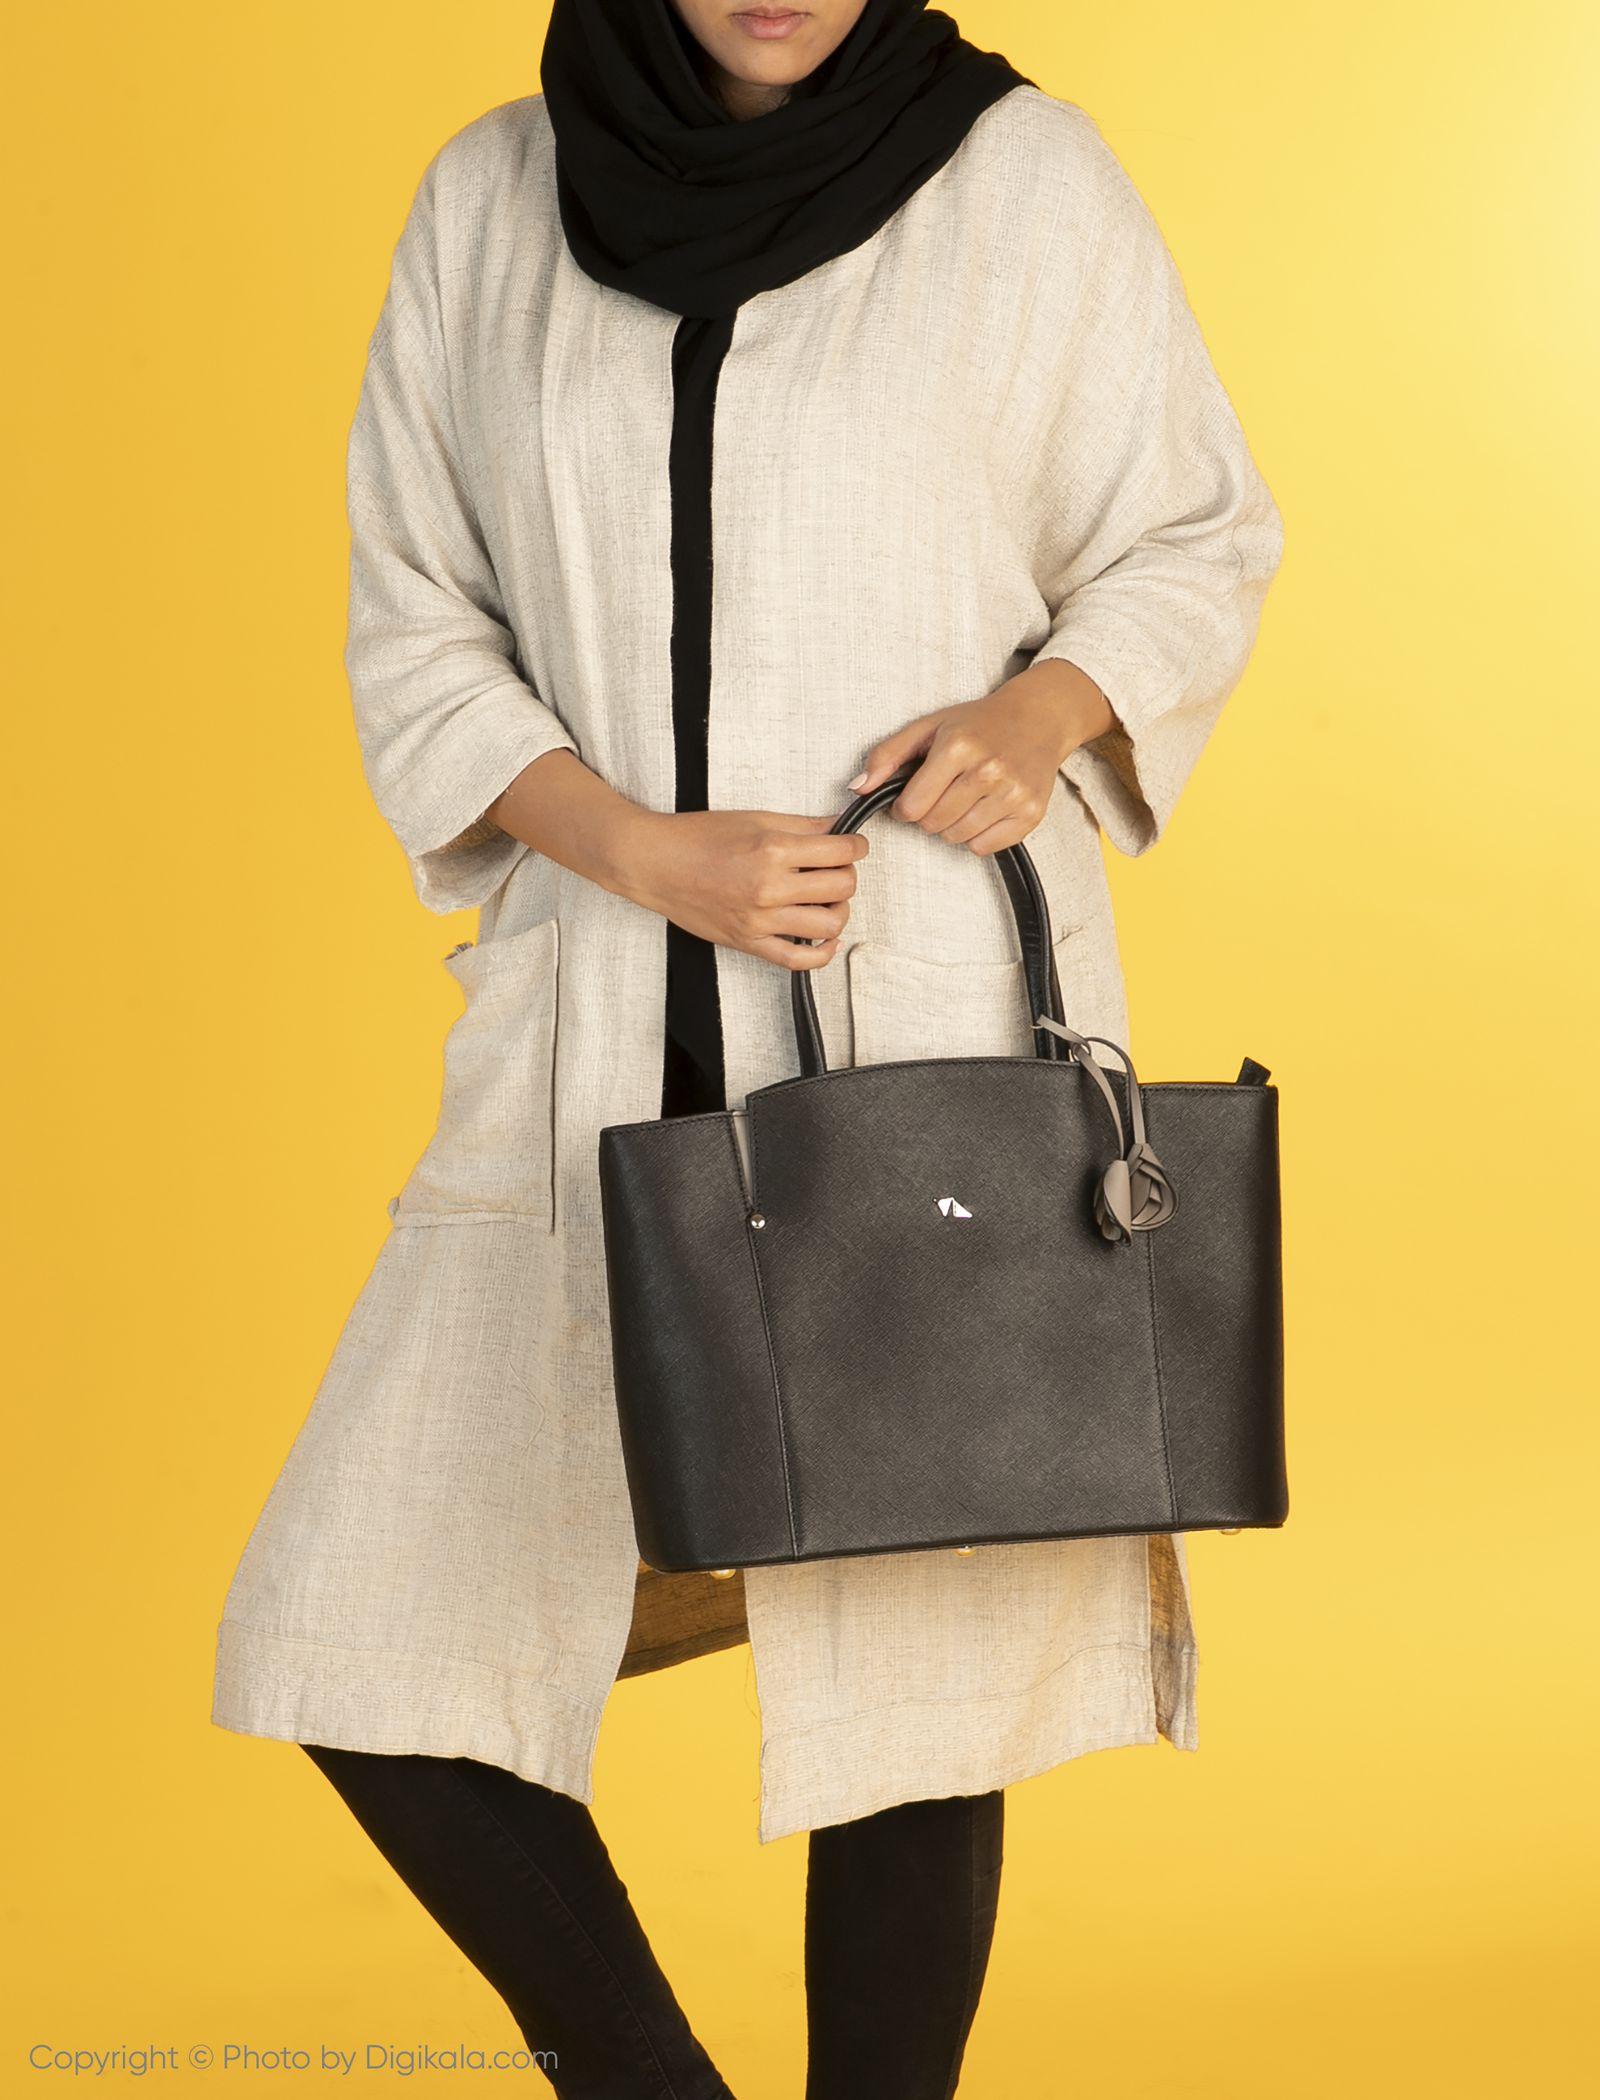 کیف دستی زنانه چرم مشهد مدل S0716-001 -  - 4